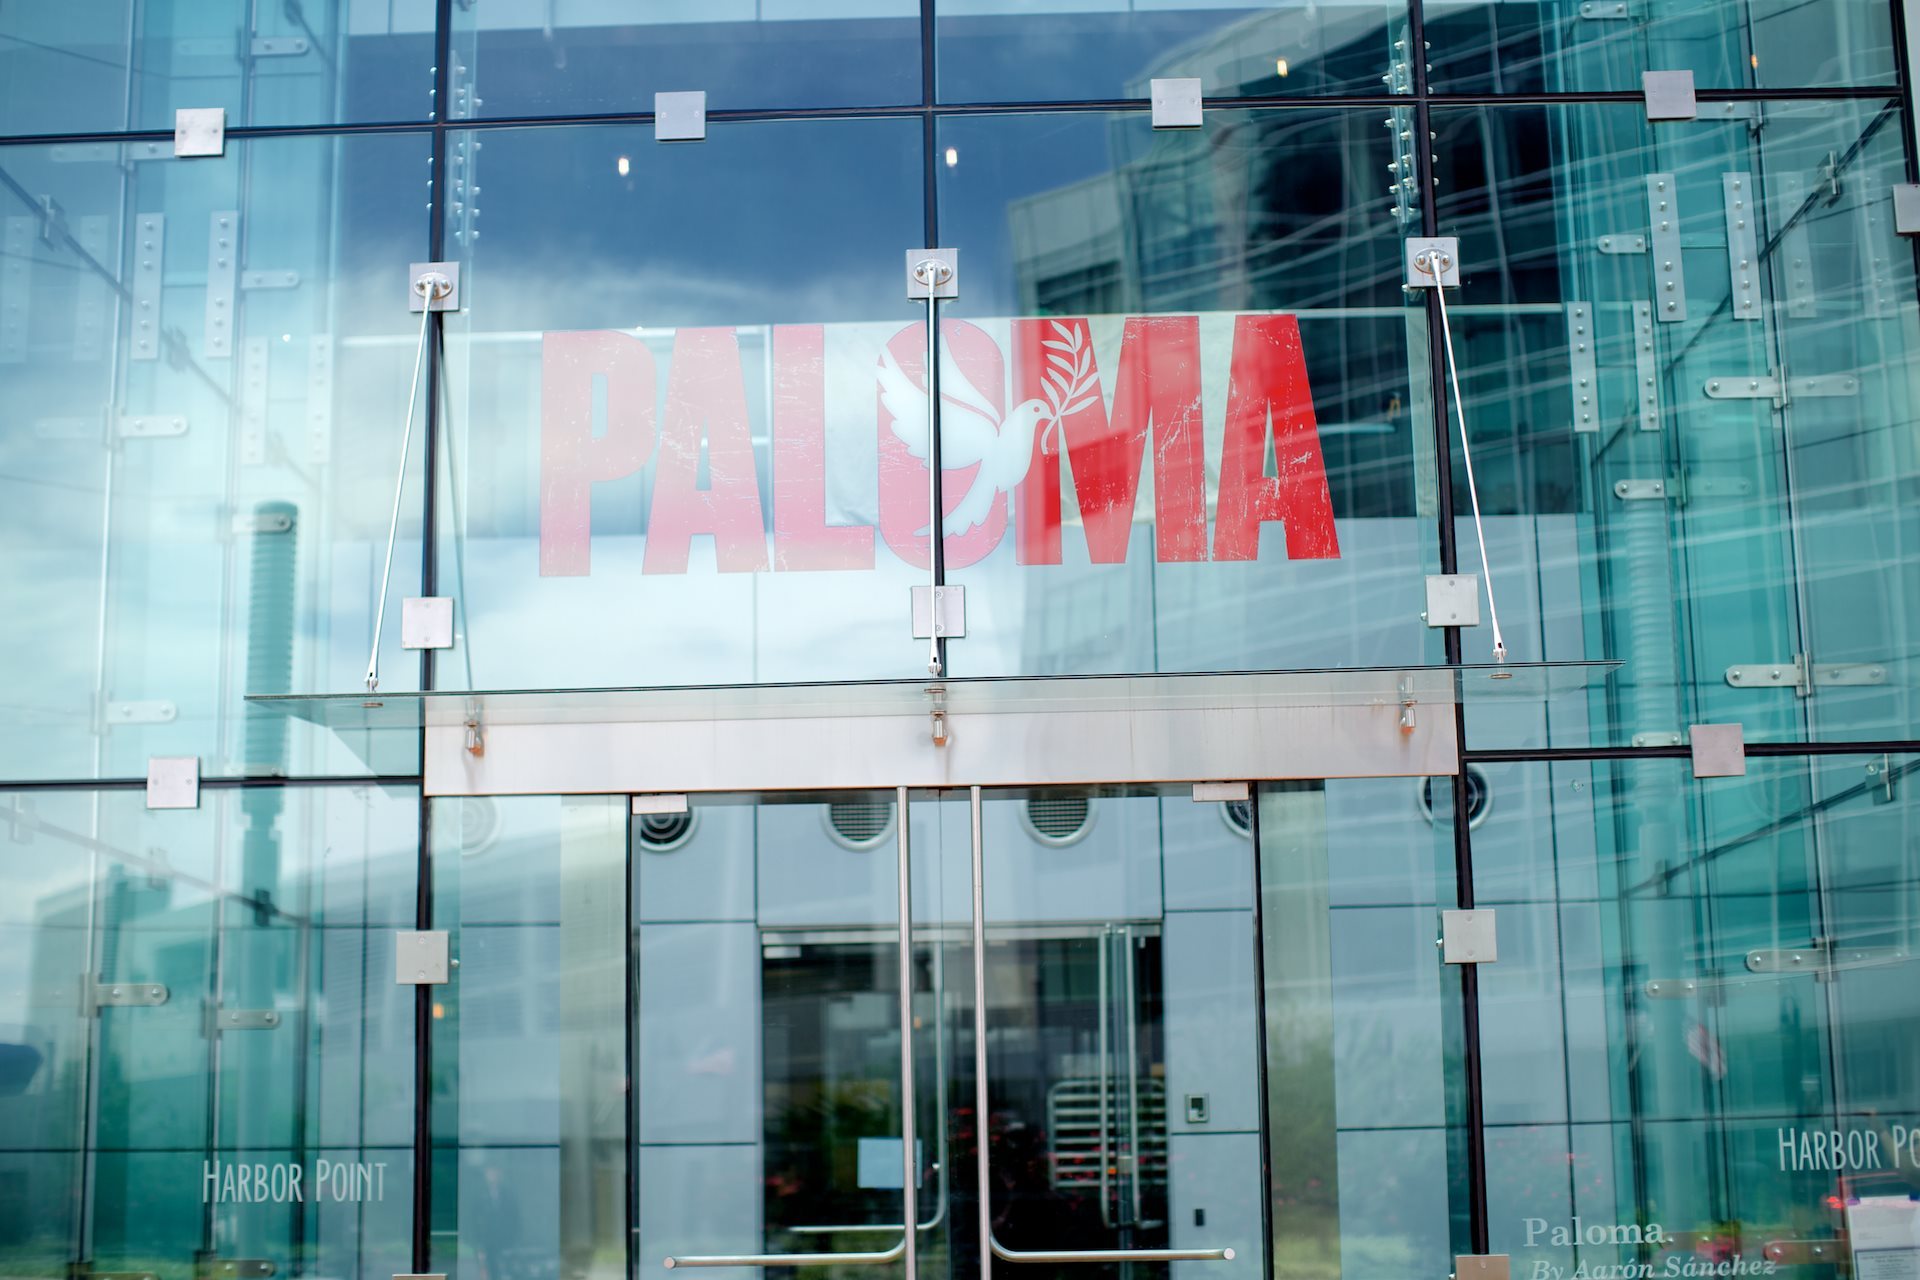 Paloma-Exterior-Horizontal.jpg